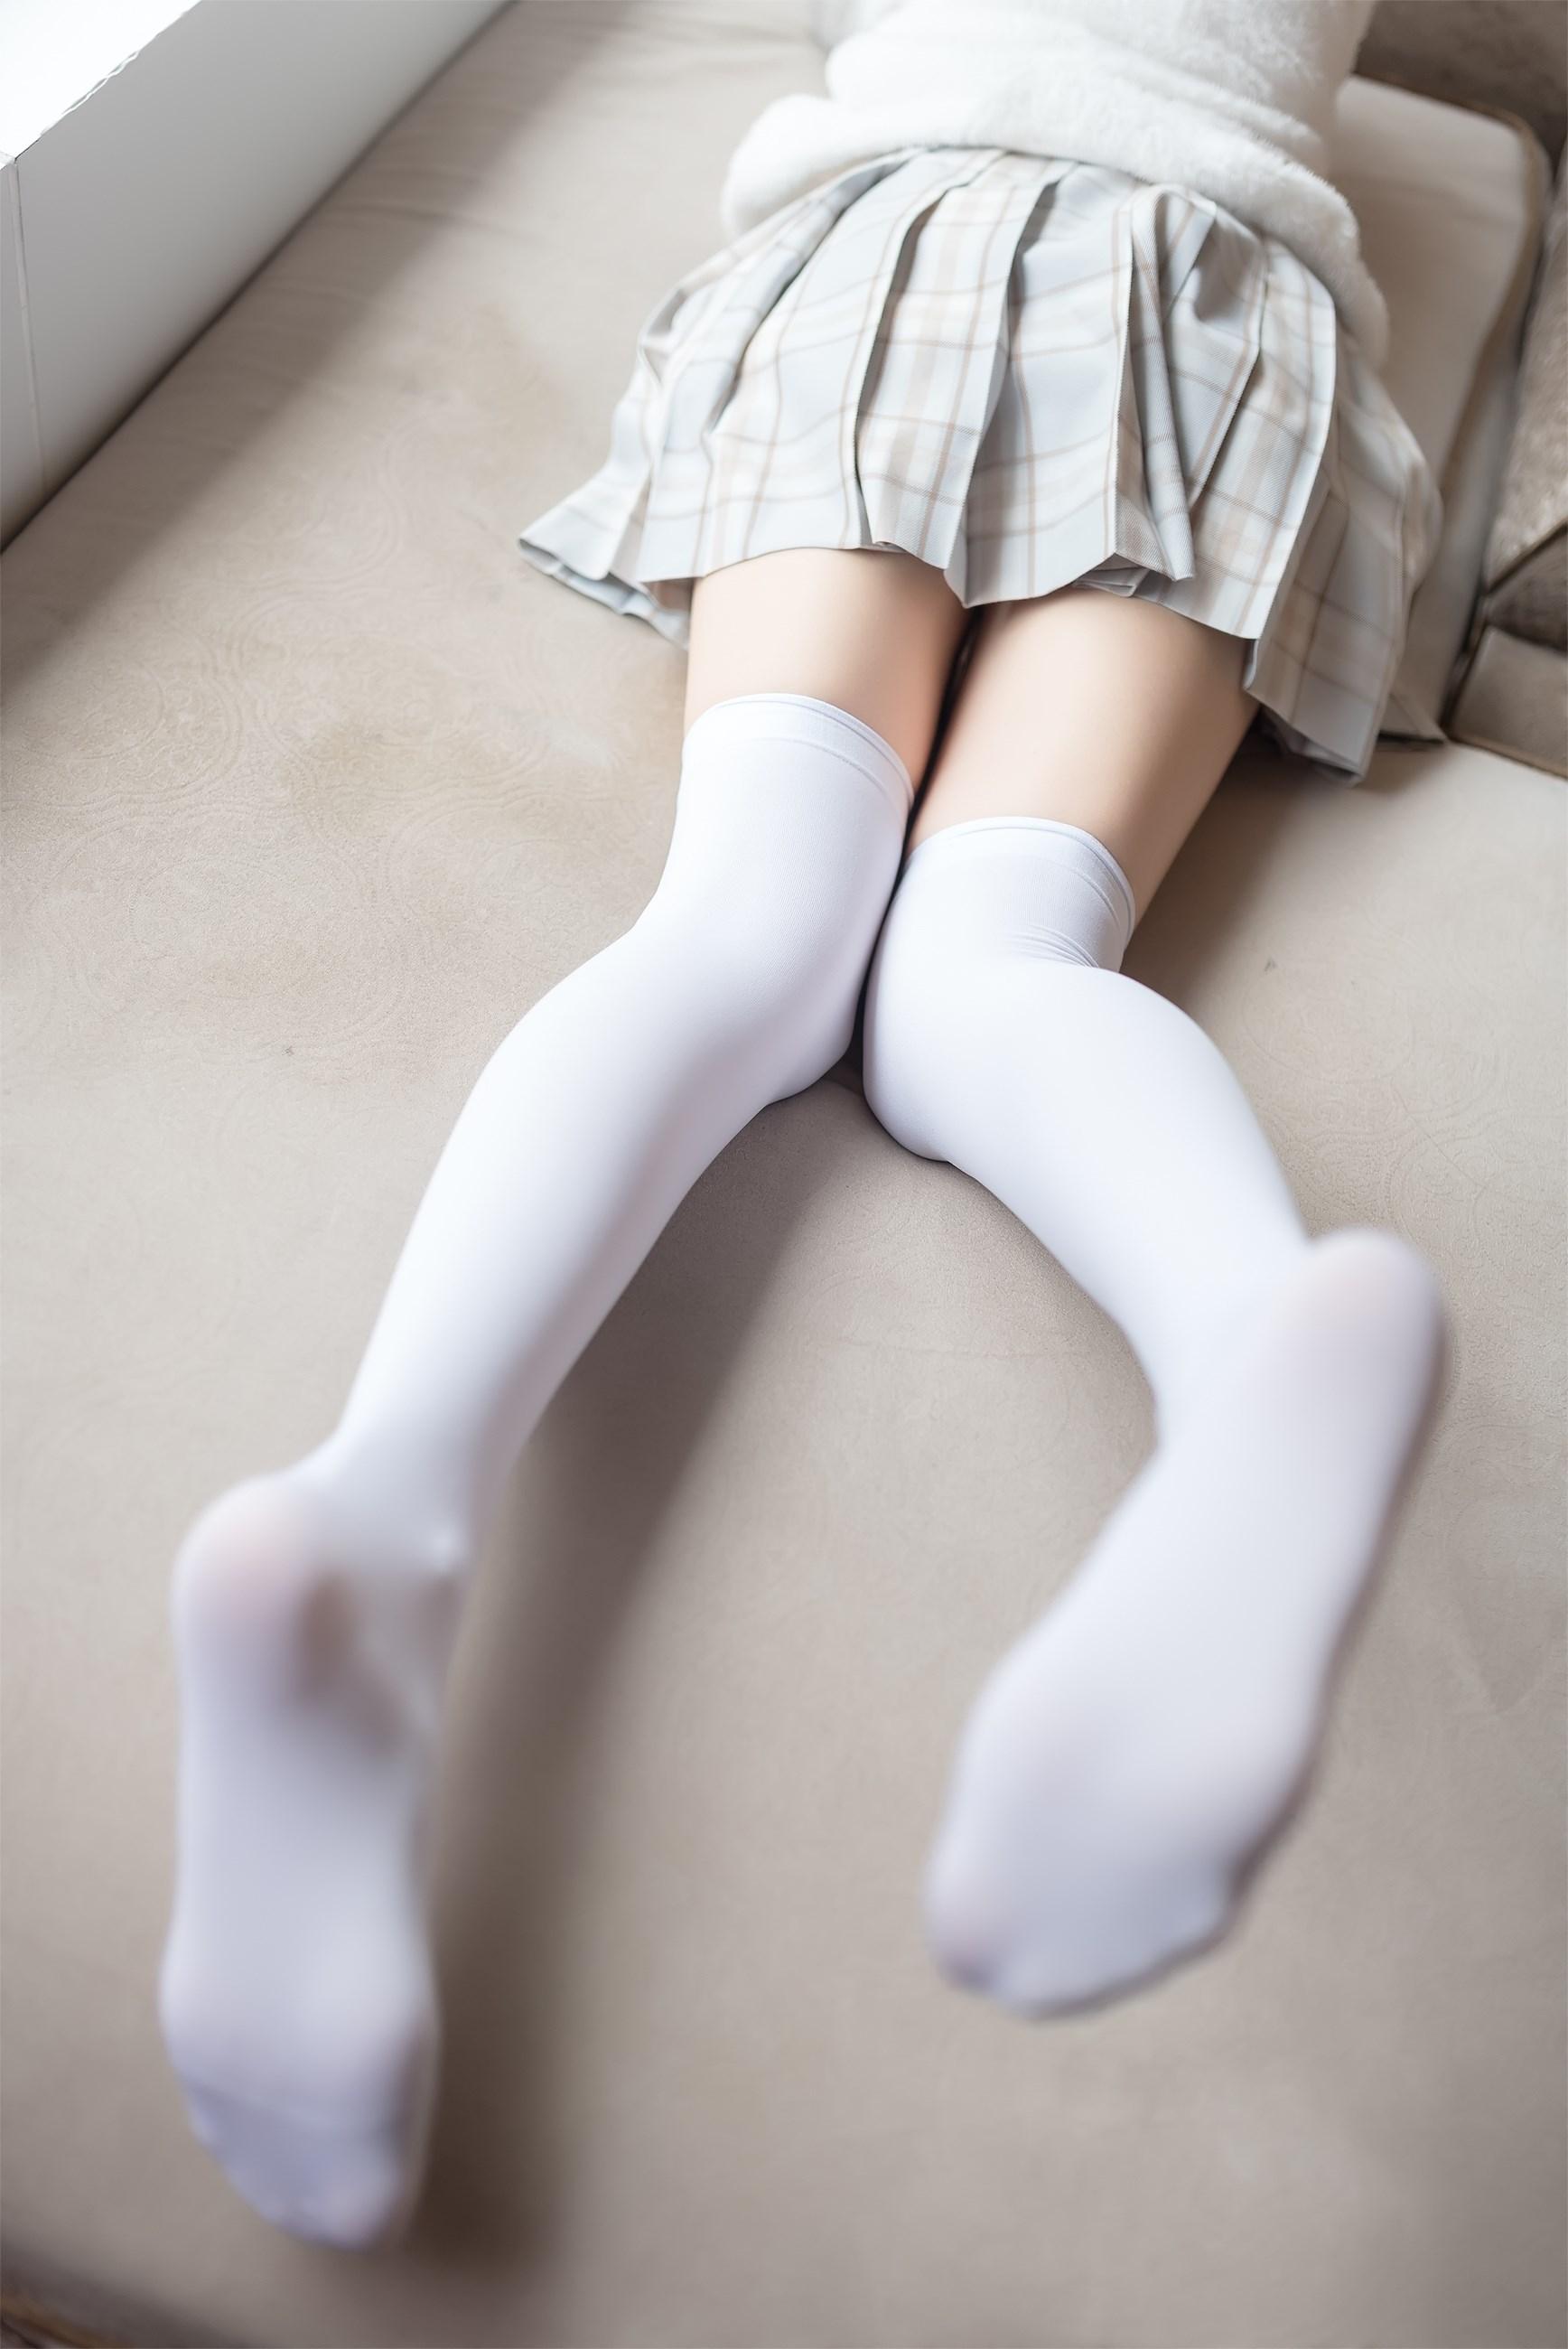 【兔玩映画】露肩少女 兔玩映画 第4张